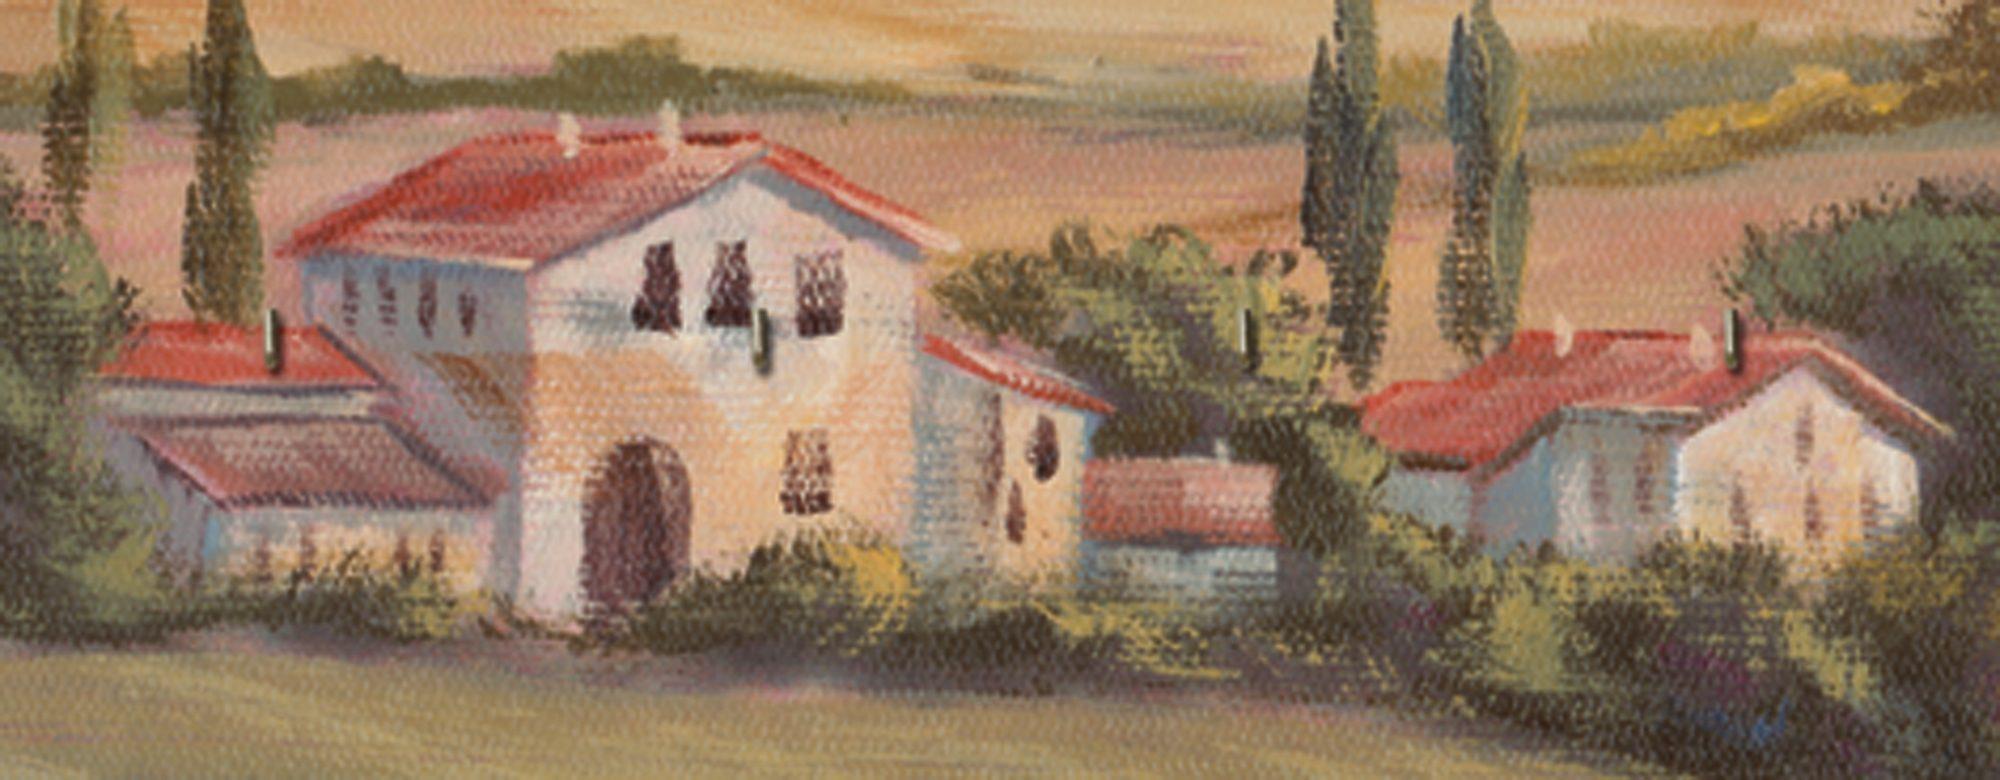 Schlüsselbrett, Home affaire, »A. Heins: Toskanisches Tal I«, 40/15 cm